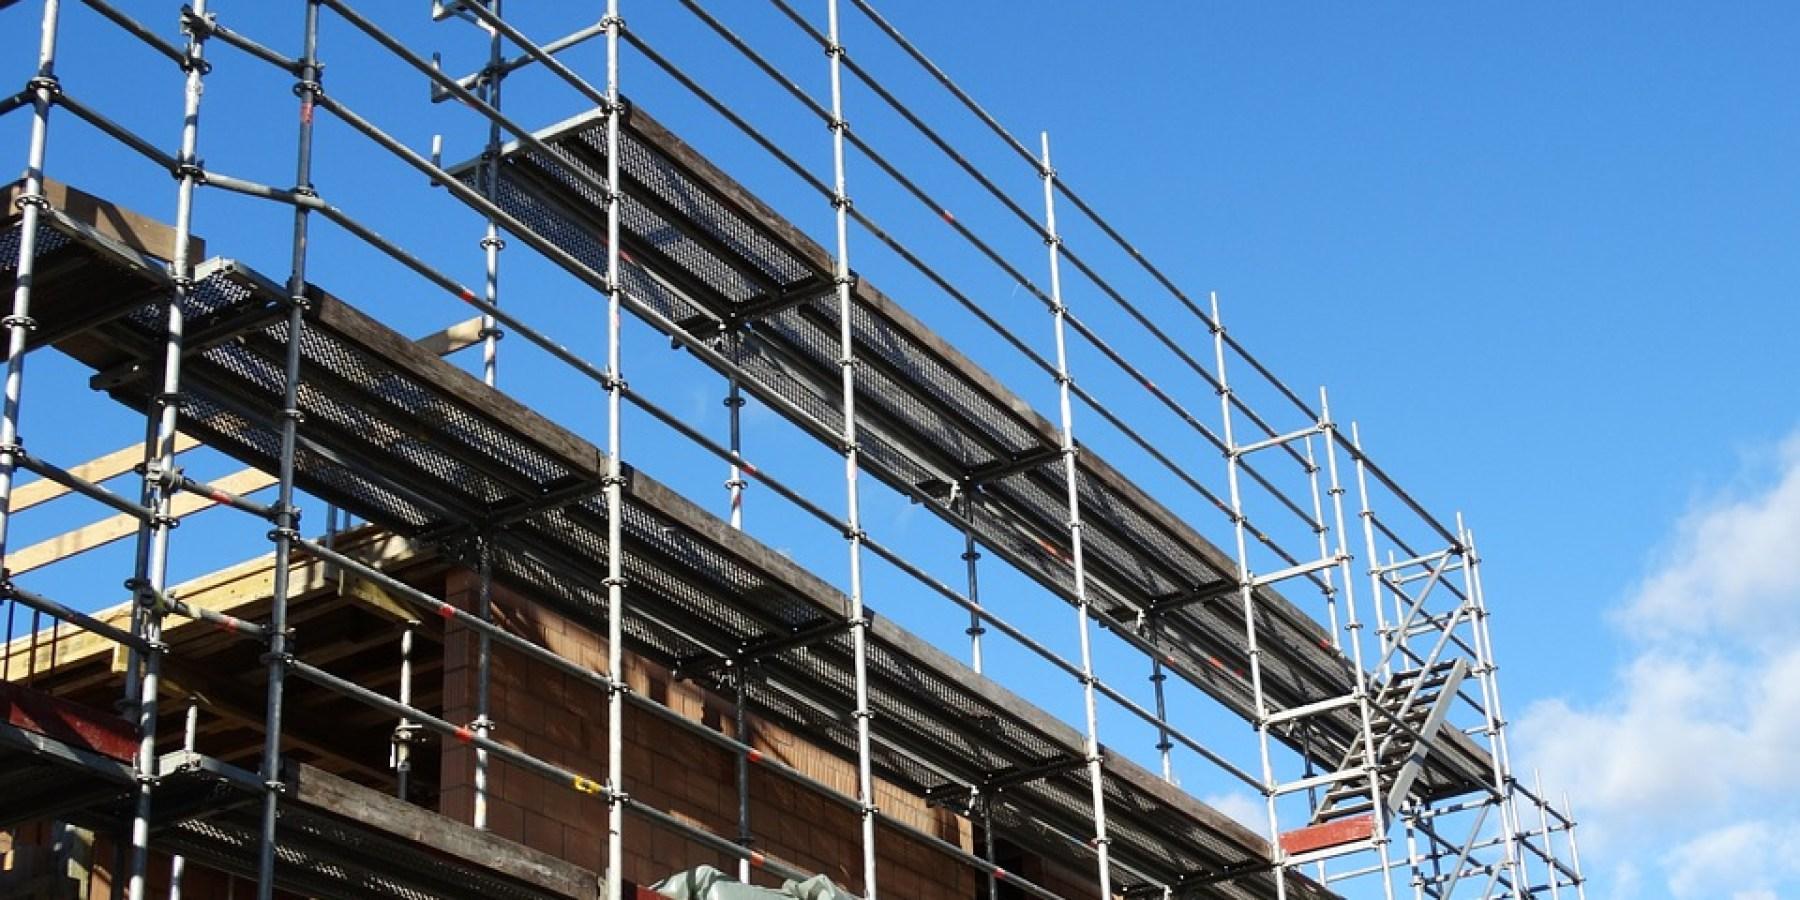 Über Baugerüst in Vereinsgebäude eingebrochen